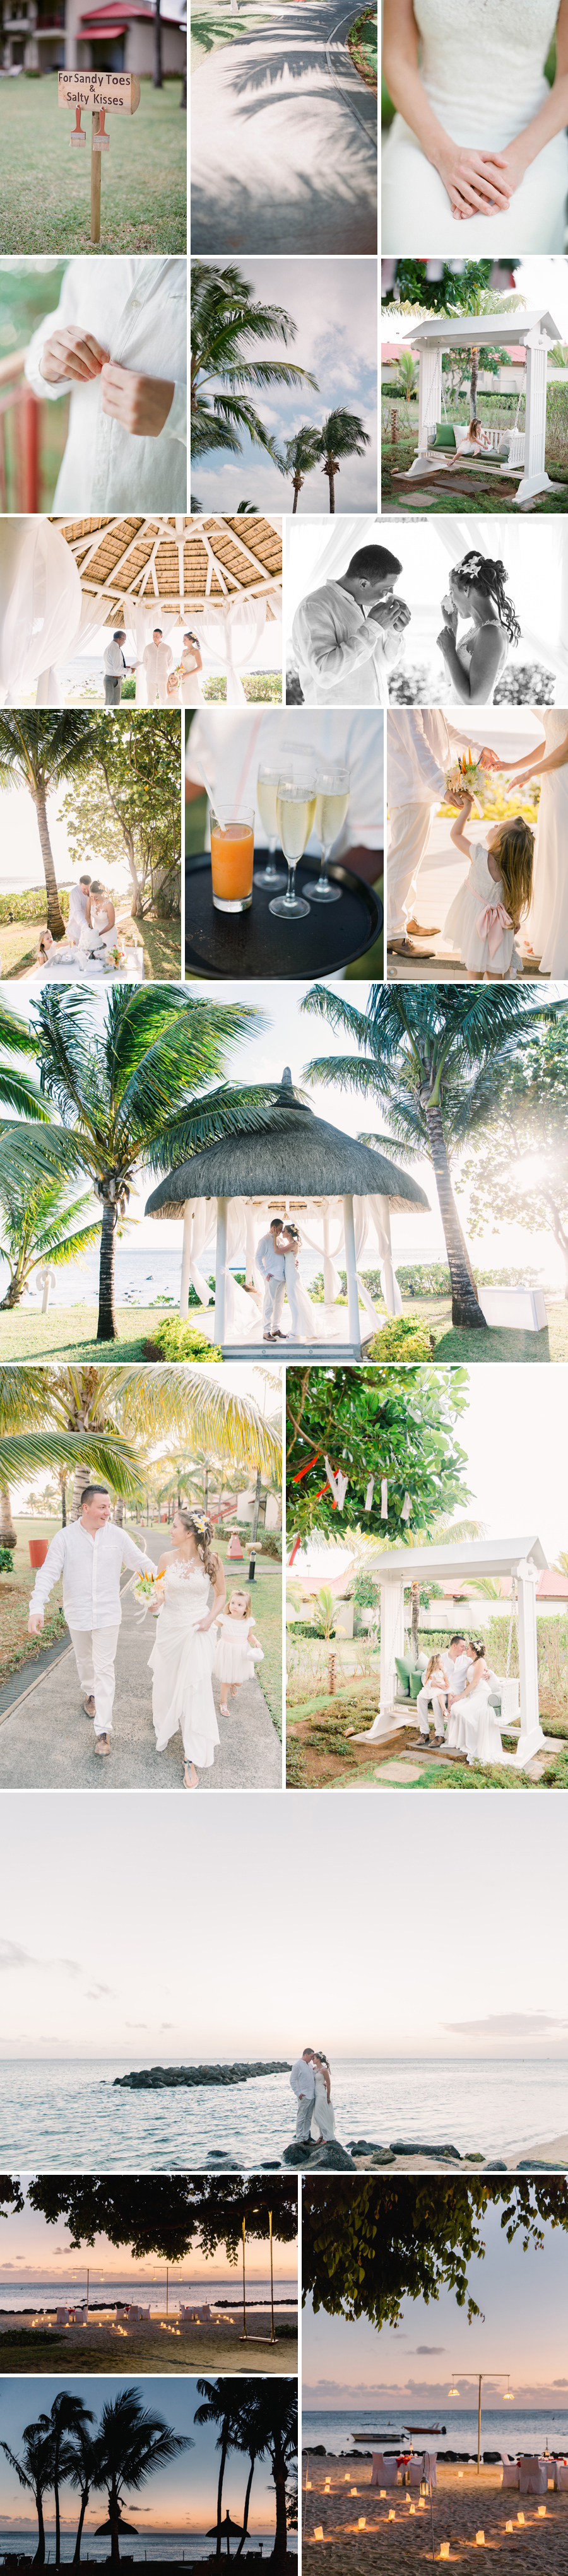 wedding mauritius mariage ile maurice photographer